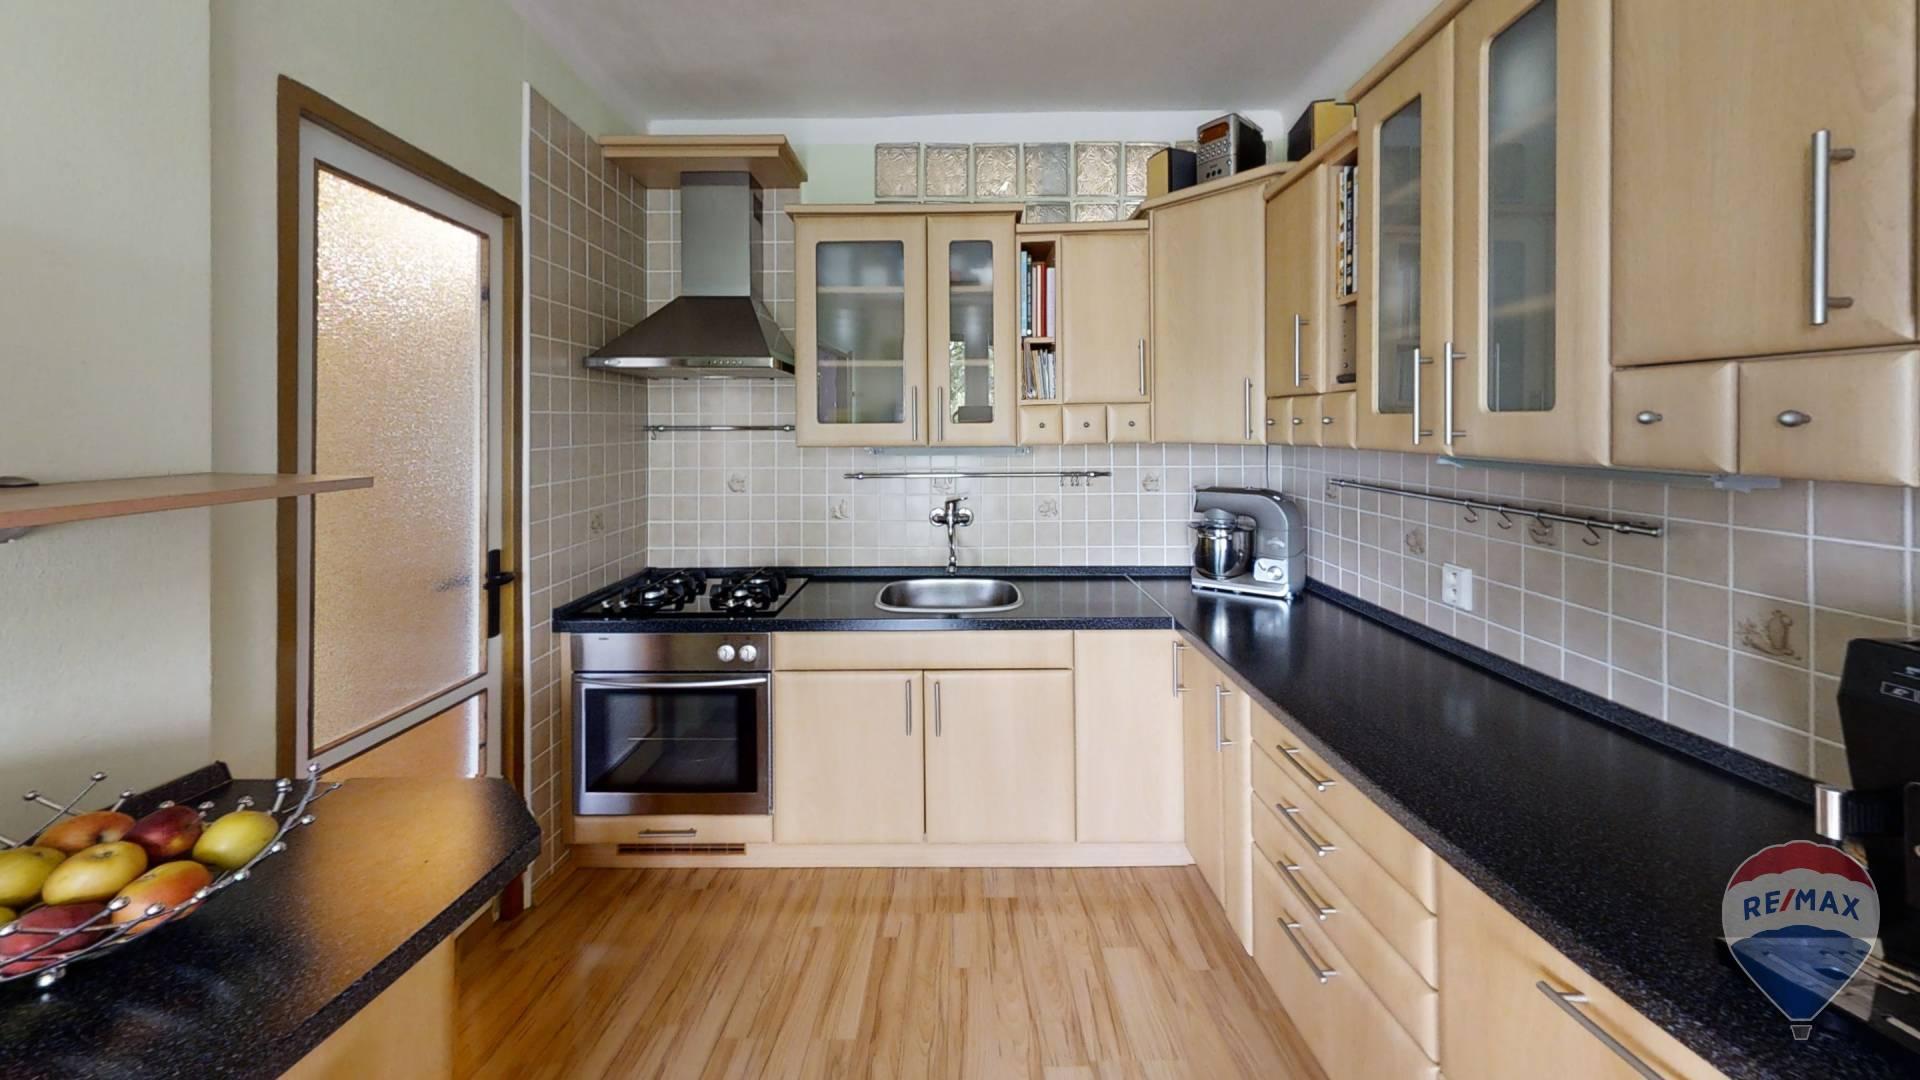 Predaj bytu (4izbový) ,Trenčín - Sihoť